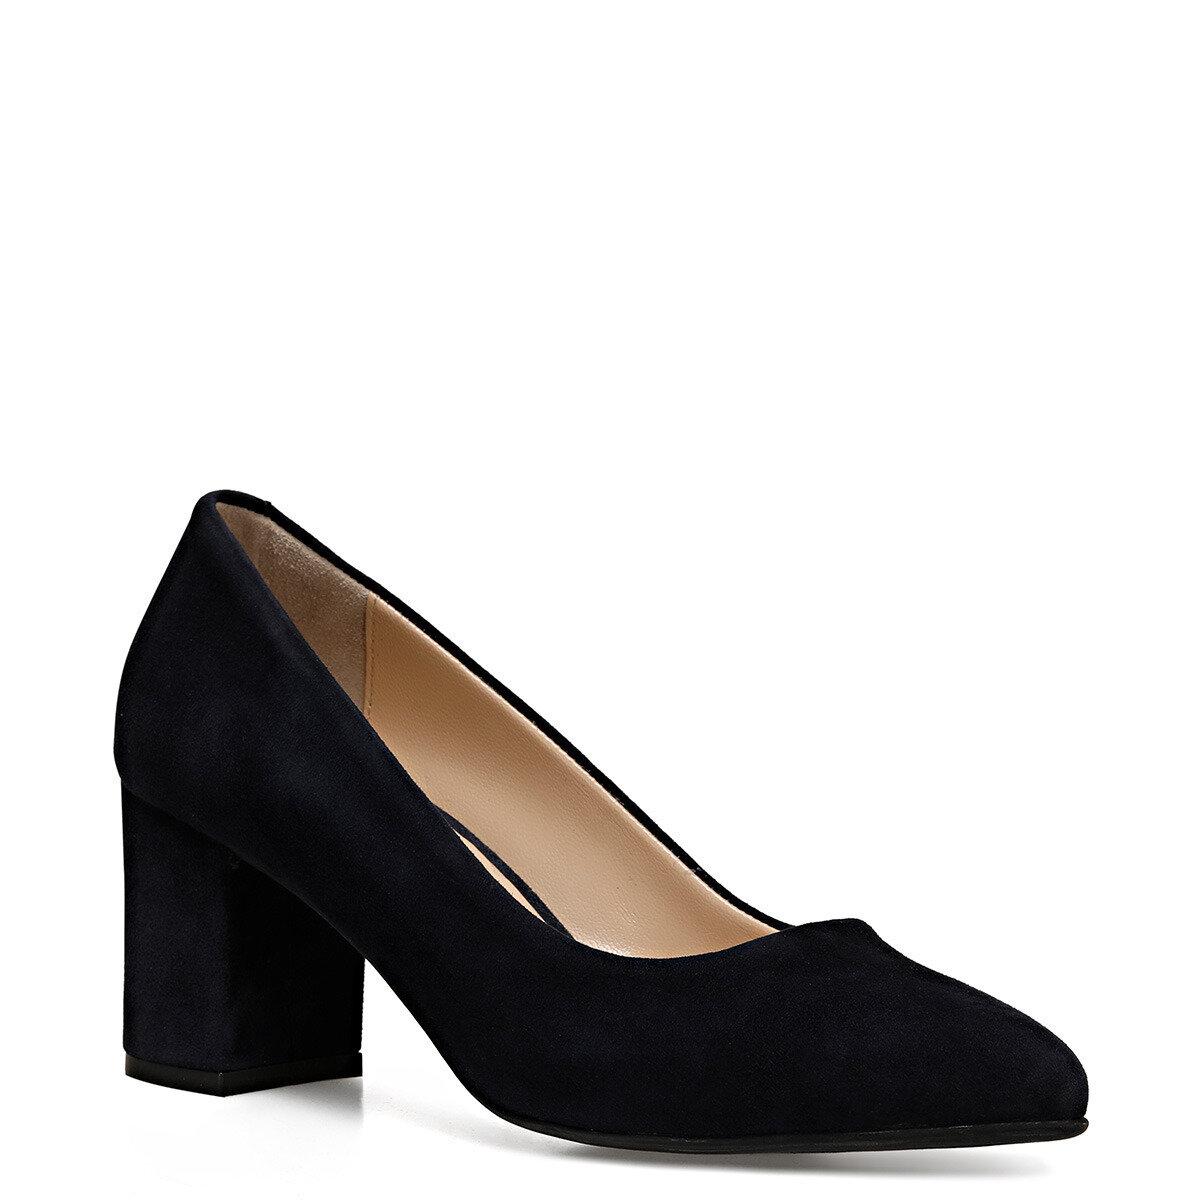 LEZANA2 Lacivert Kadın Topuklu Ayakkabı